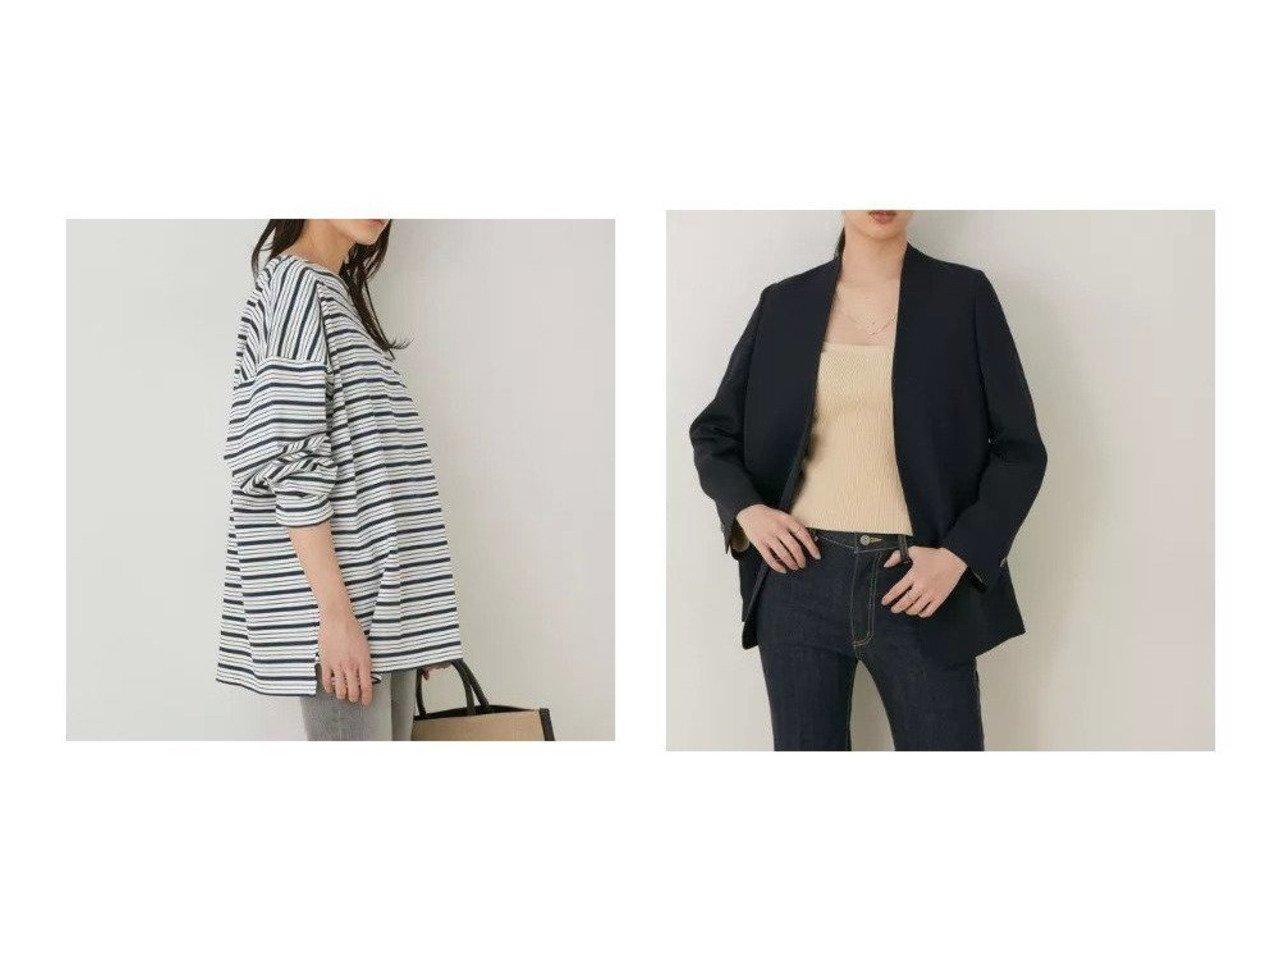 【ADAM ET ROPE'/アダム エ ロペ】の【WEB限定】BIGボーダープルオーバー&ニットベアトップ ROPEのおすすめ!人気、トレンド・レディースファッションの通販  おすすめで人気の流行・トレンド、ファッションの通販商品 メンズファッション・キッズファッション・インテリア・家具・レディースファッション・服の通販 founy(ファニー) https://founy.com/ ファッション Fashion レディースファッション WOMEN トップス Tops Tshirt シャツ/ブラウス Shirts Blouses ロング / Tシャツ T-Shirts プルオーバー Pullover カットソー Cut and Sewn ニット Knit Tops キャミソール / ノースリーブ No Sleeves 春 Spring カットソー サンダル 長袖 フォルム ボトム ボーダー ポケット 2021年 2021 S/S 春夏 SS Spring/Summer 2021 春夏 S/S SS Spring/Summer 2021 |ID:crp329100000018831